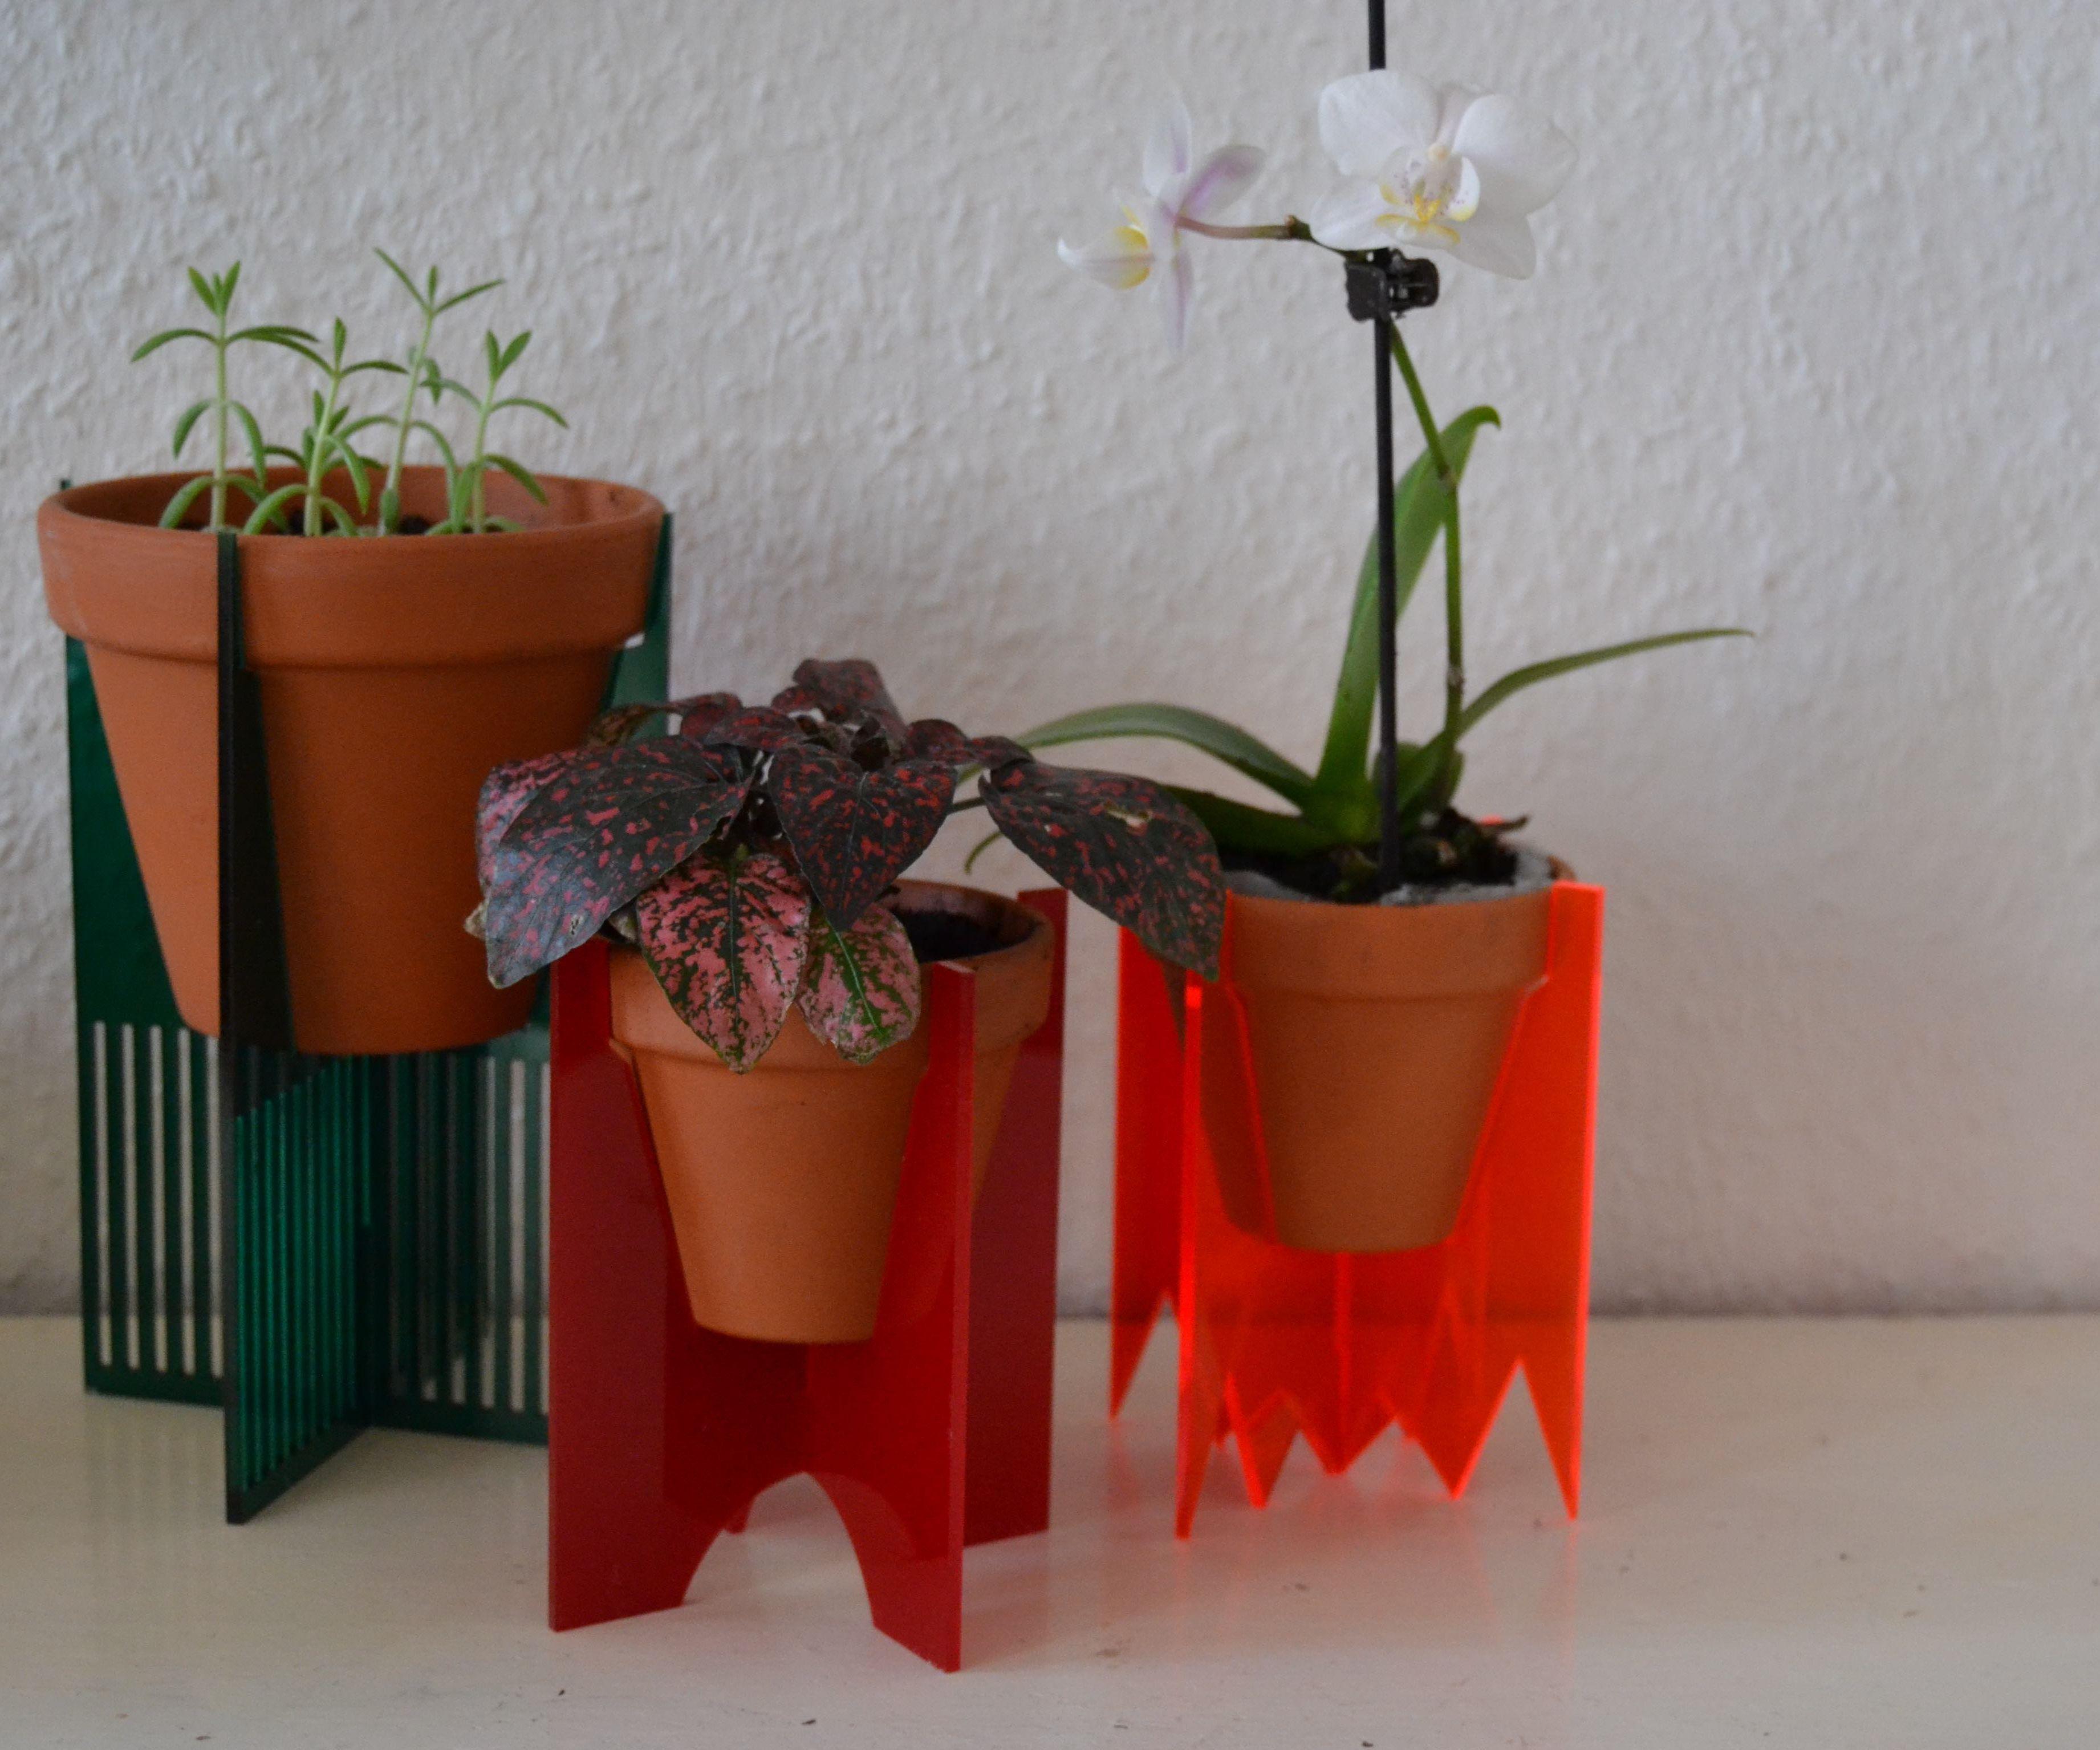 Laser cut planters